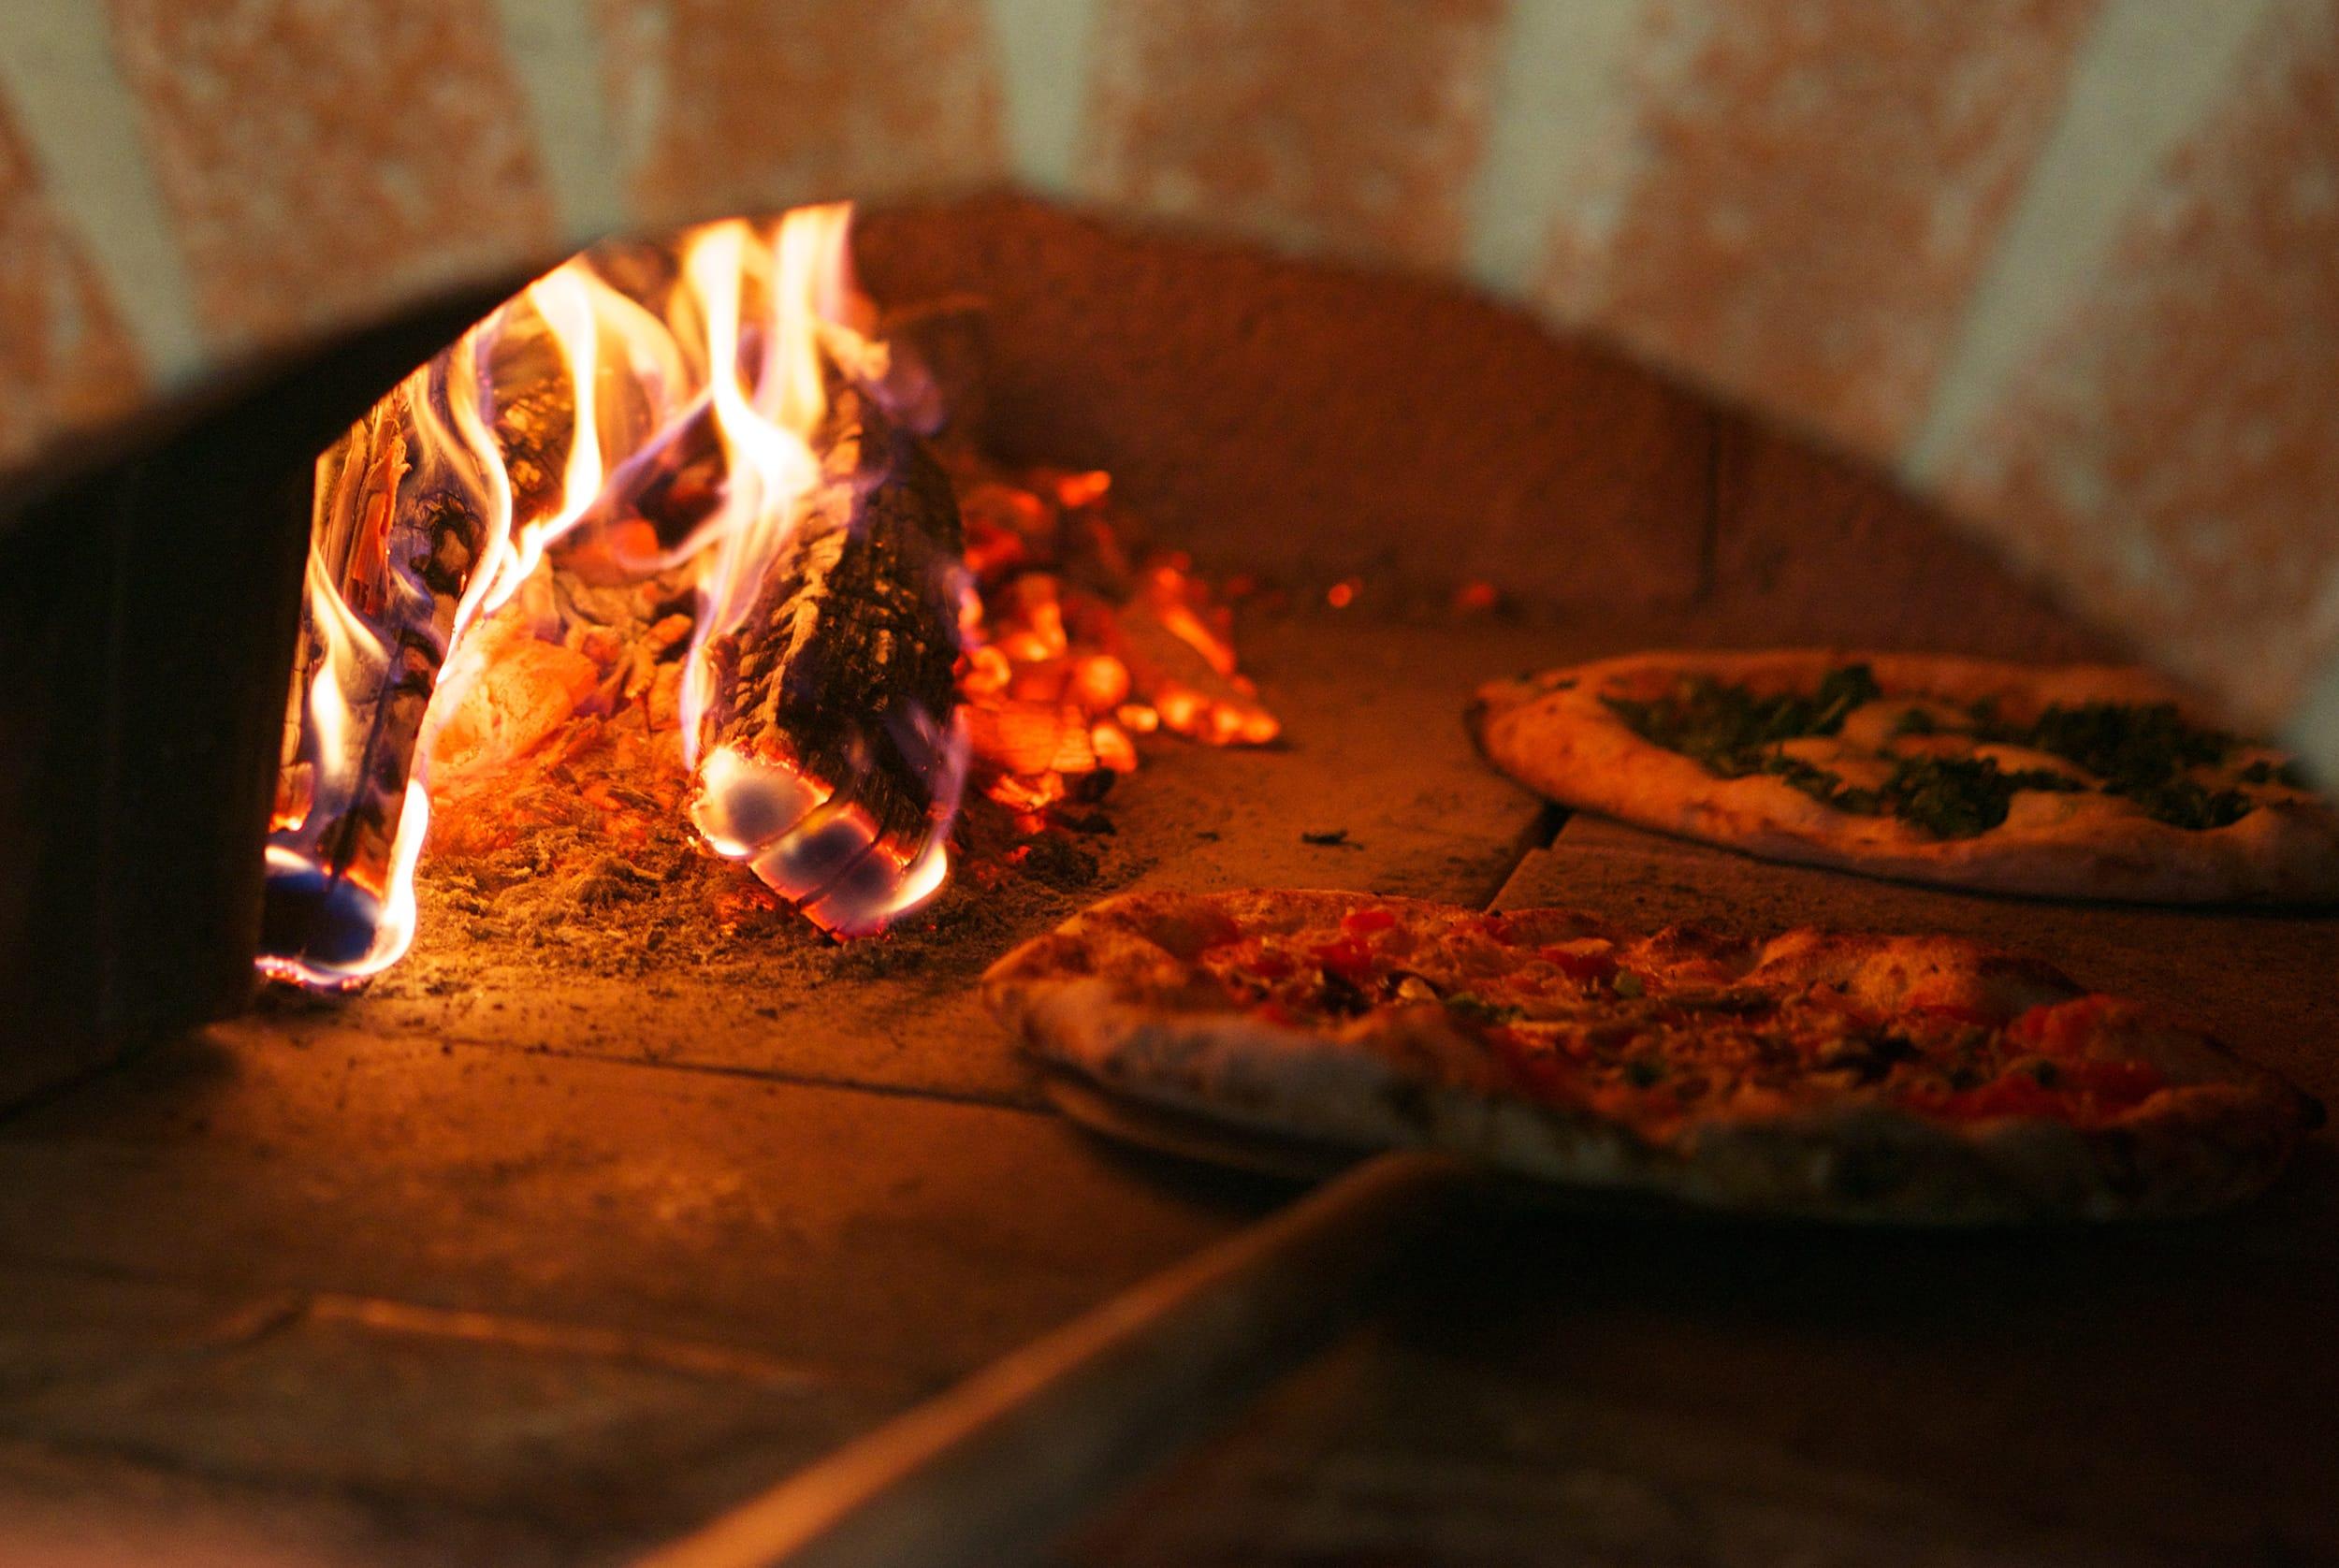 薄く伸ばした生地に具材をのせ、石窯で一気に焼き上げる。もちっと食べごたえのある生地は、すべて手捏ね。